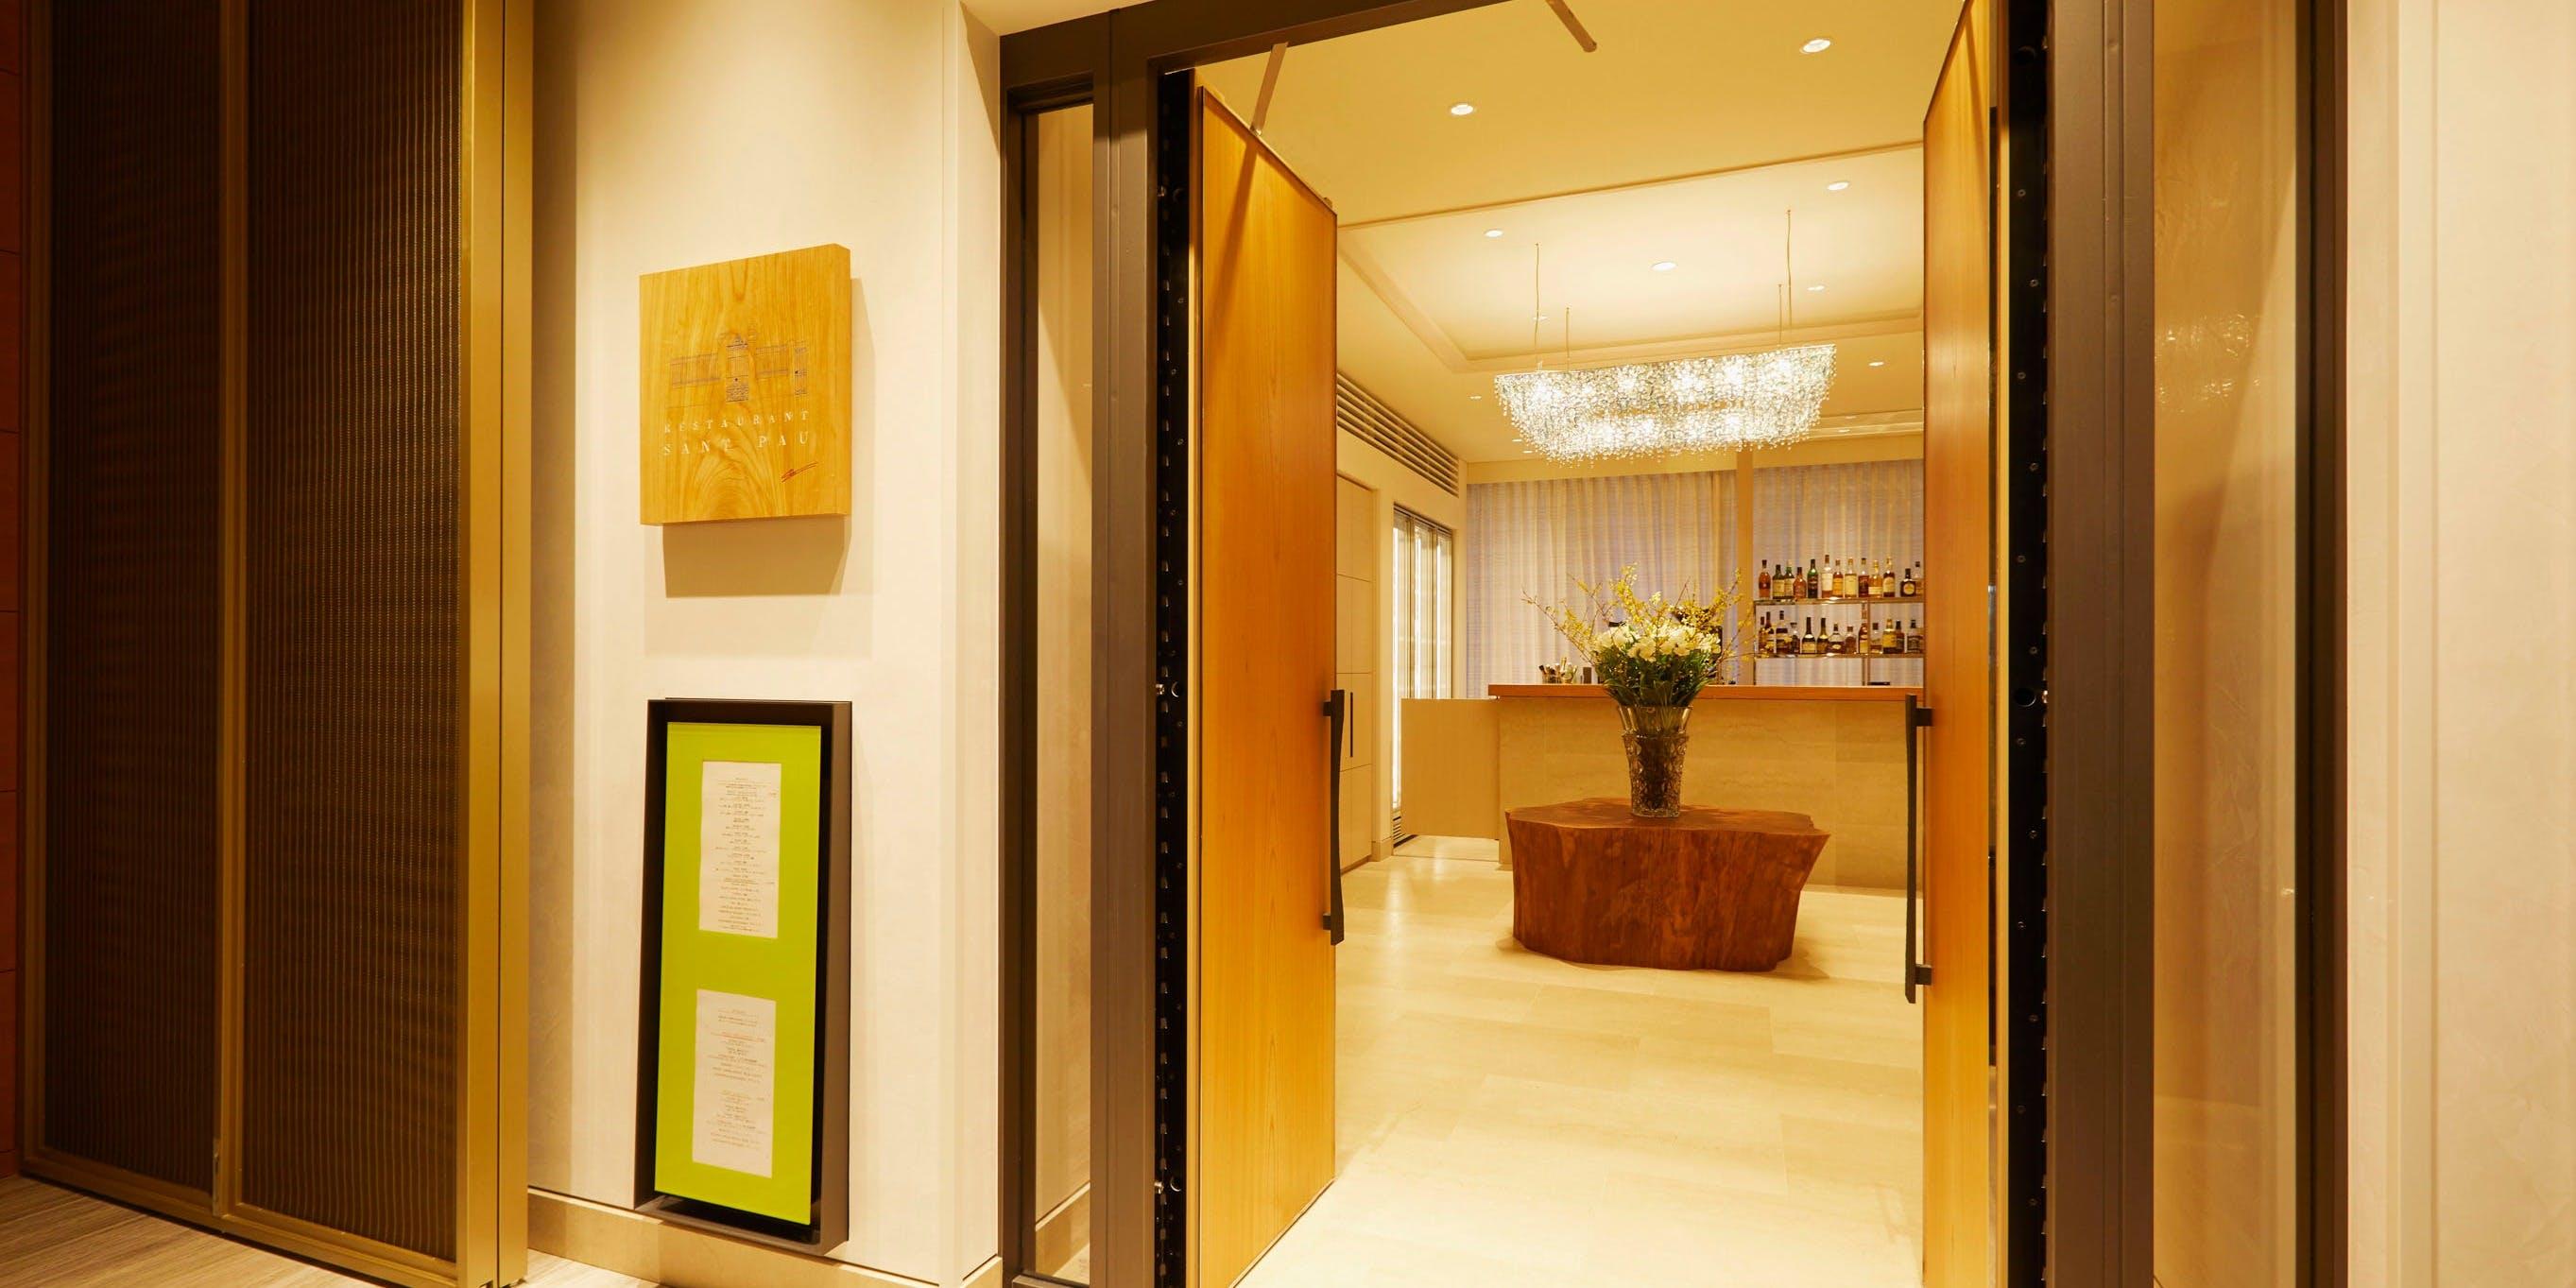 記念日におすすめのレストラン・Restaurant Sant Pau/ザ・キタノホテル東京の写真2